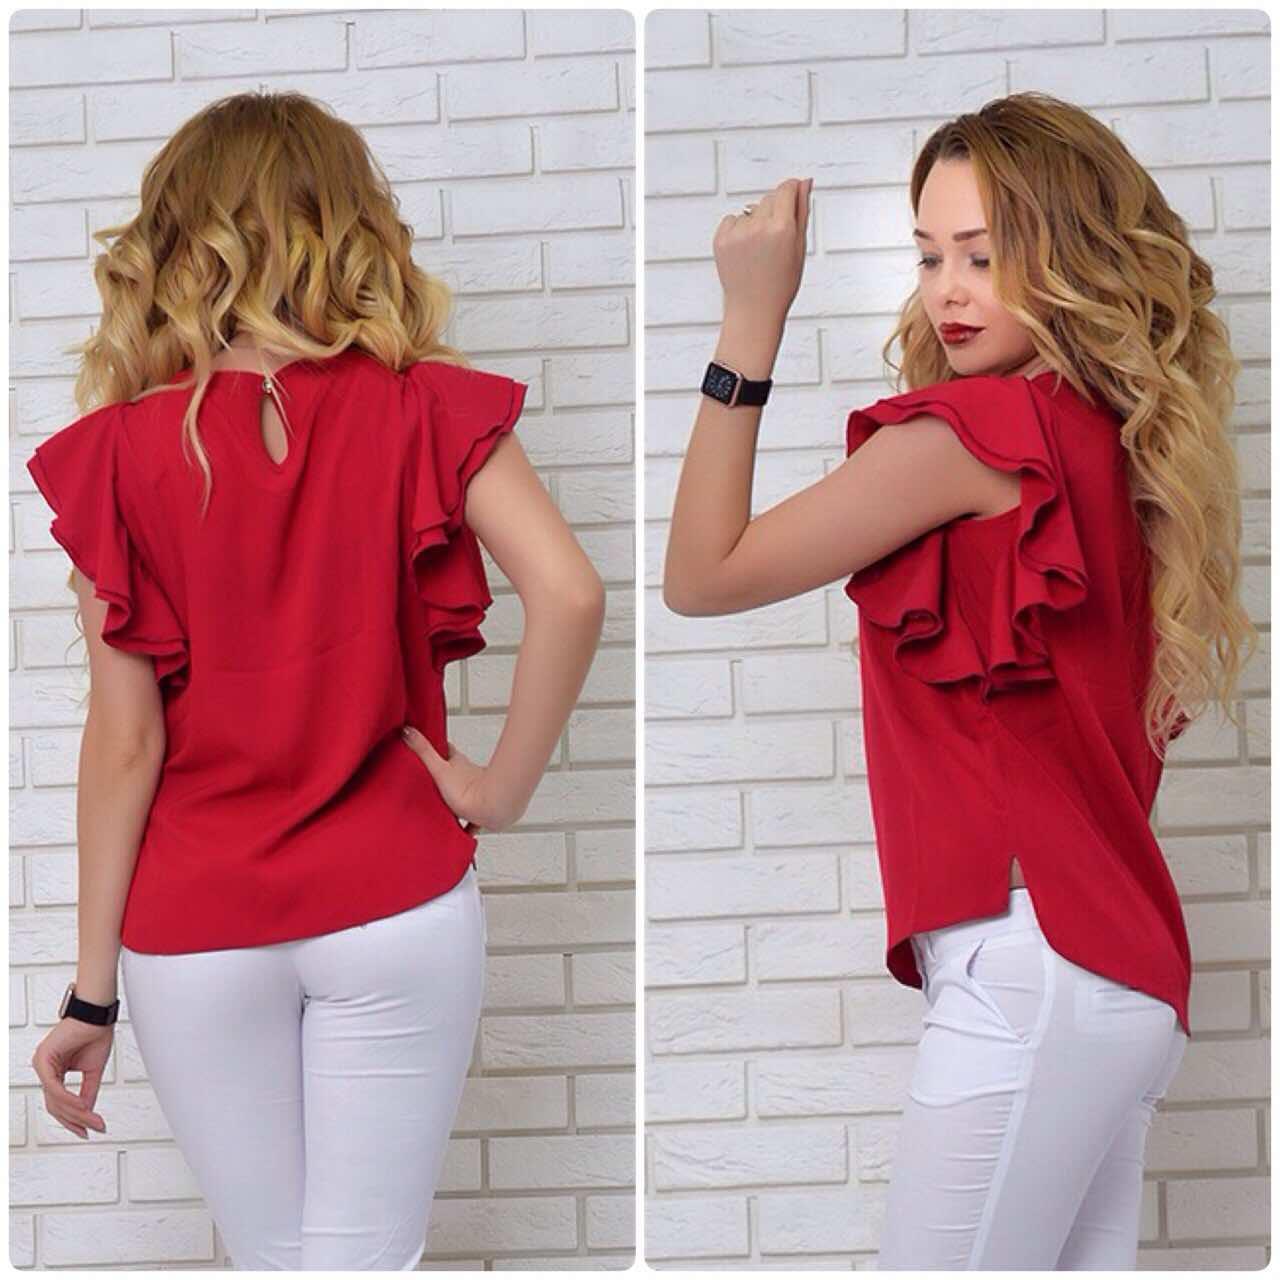 Блузка нарядная, модель 902, марсала